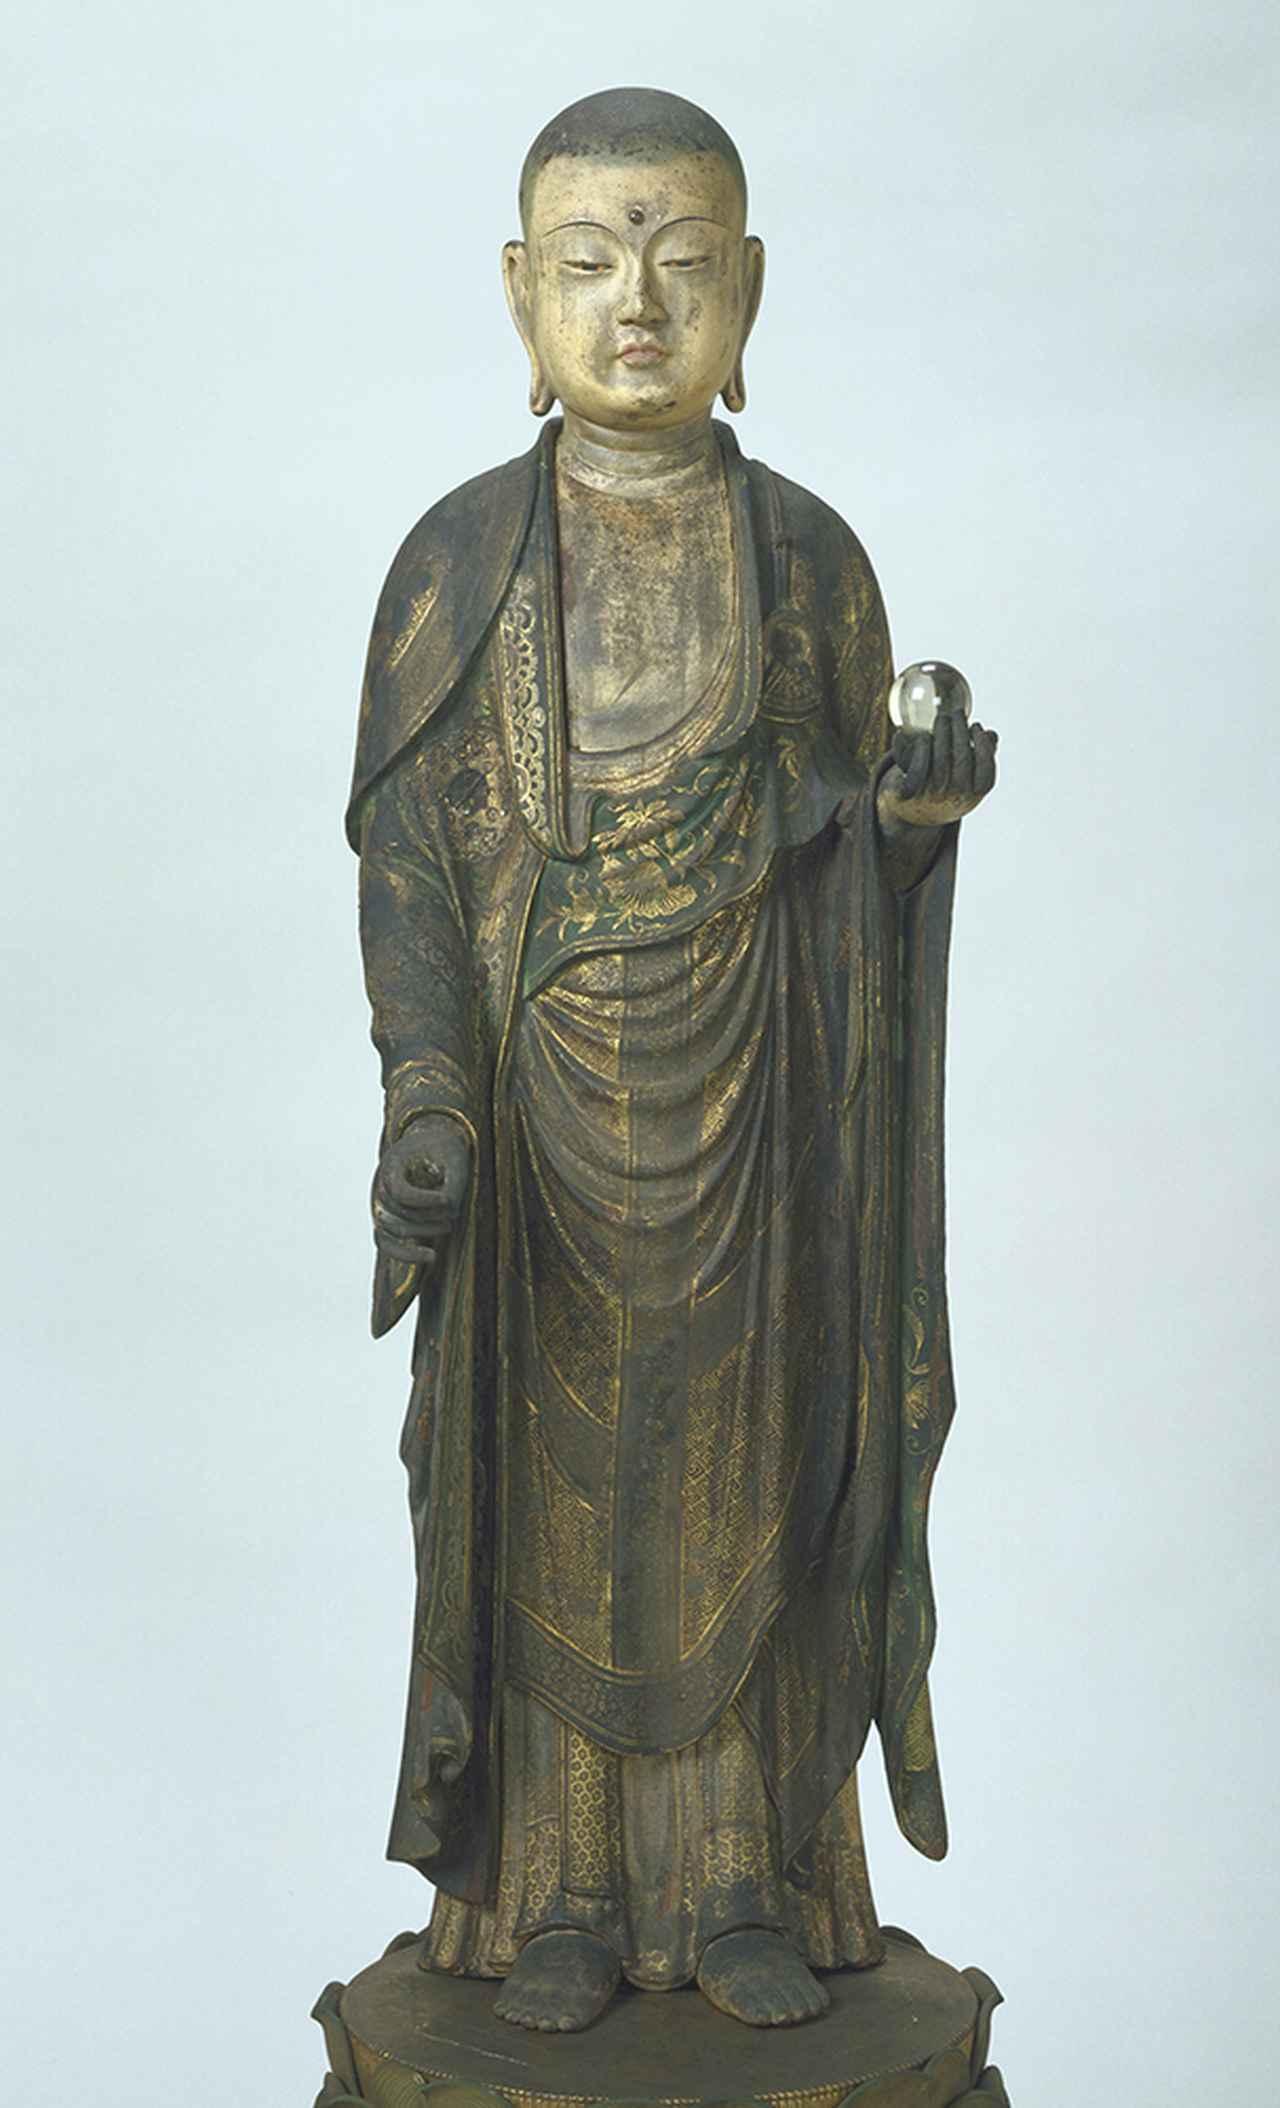 画像: 重要文化財 地蔵菩薩立像 1334(建武元)年 国立歴史民俗博物館蔵